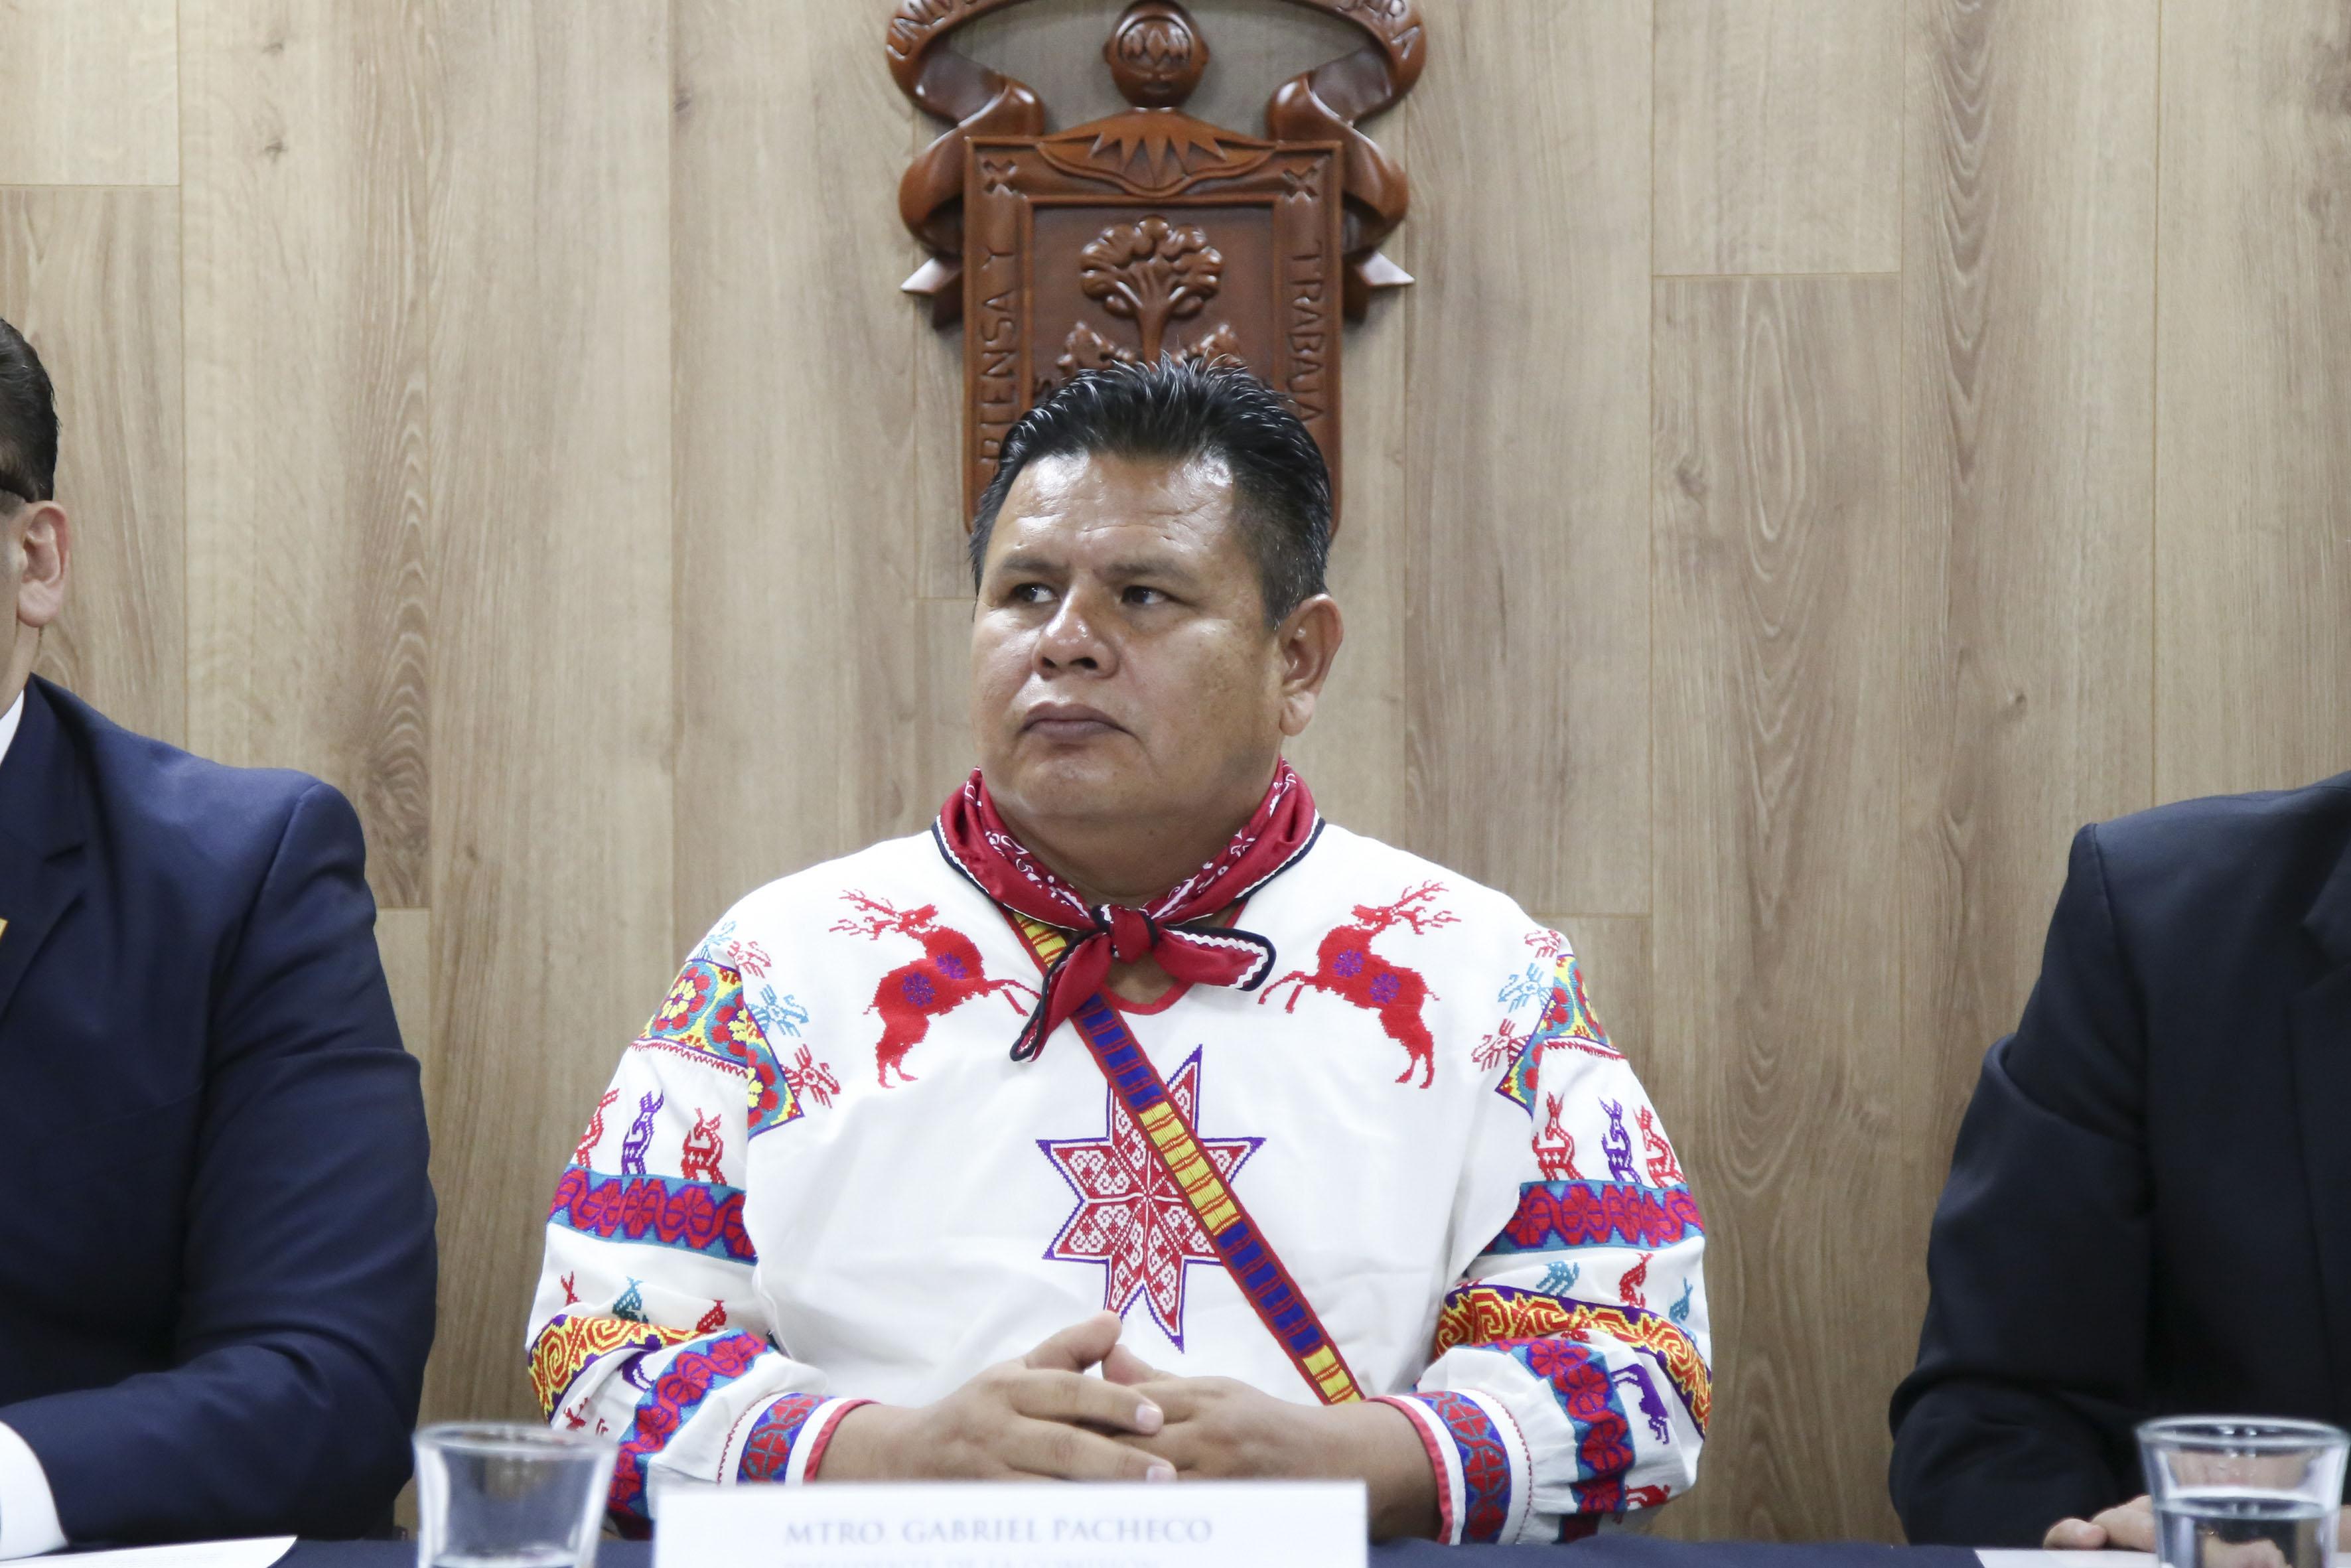 Presidente de la comisión interinstitucional del PLIA, maestro Gabriel Pacheco Salvador haciendo uso de la palabra en rueda de prensa